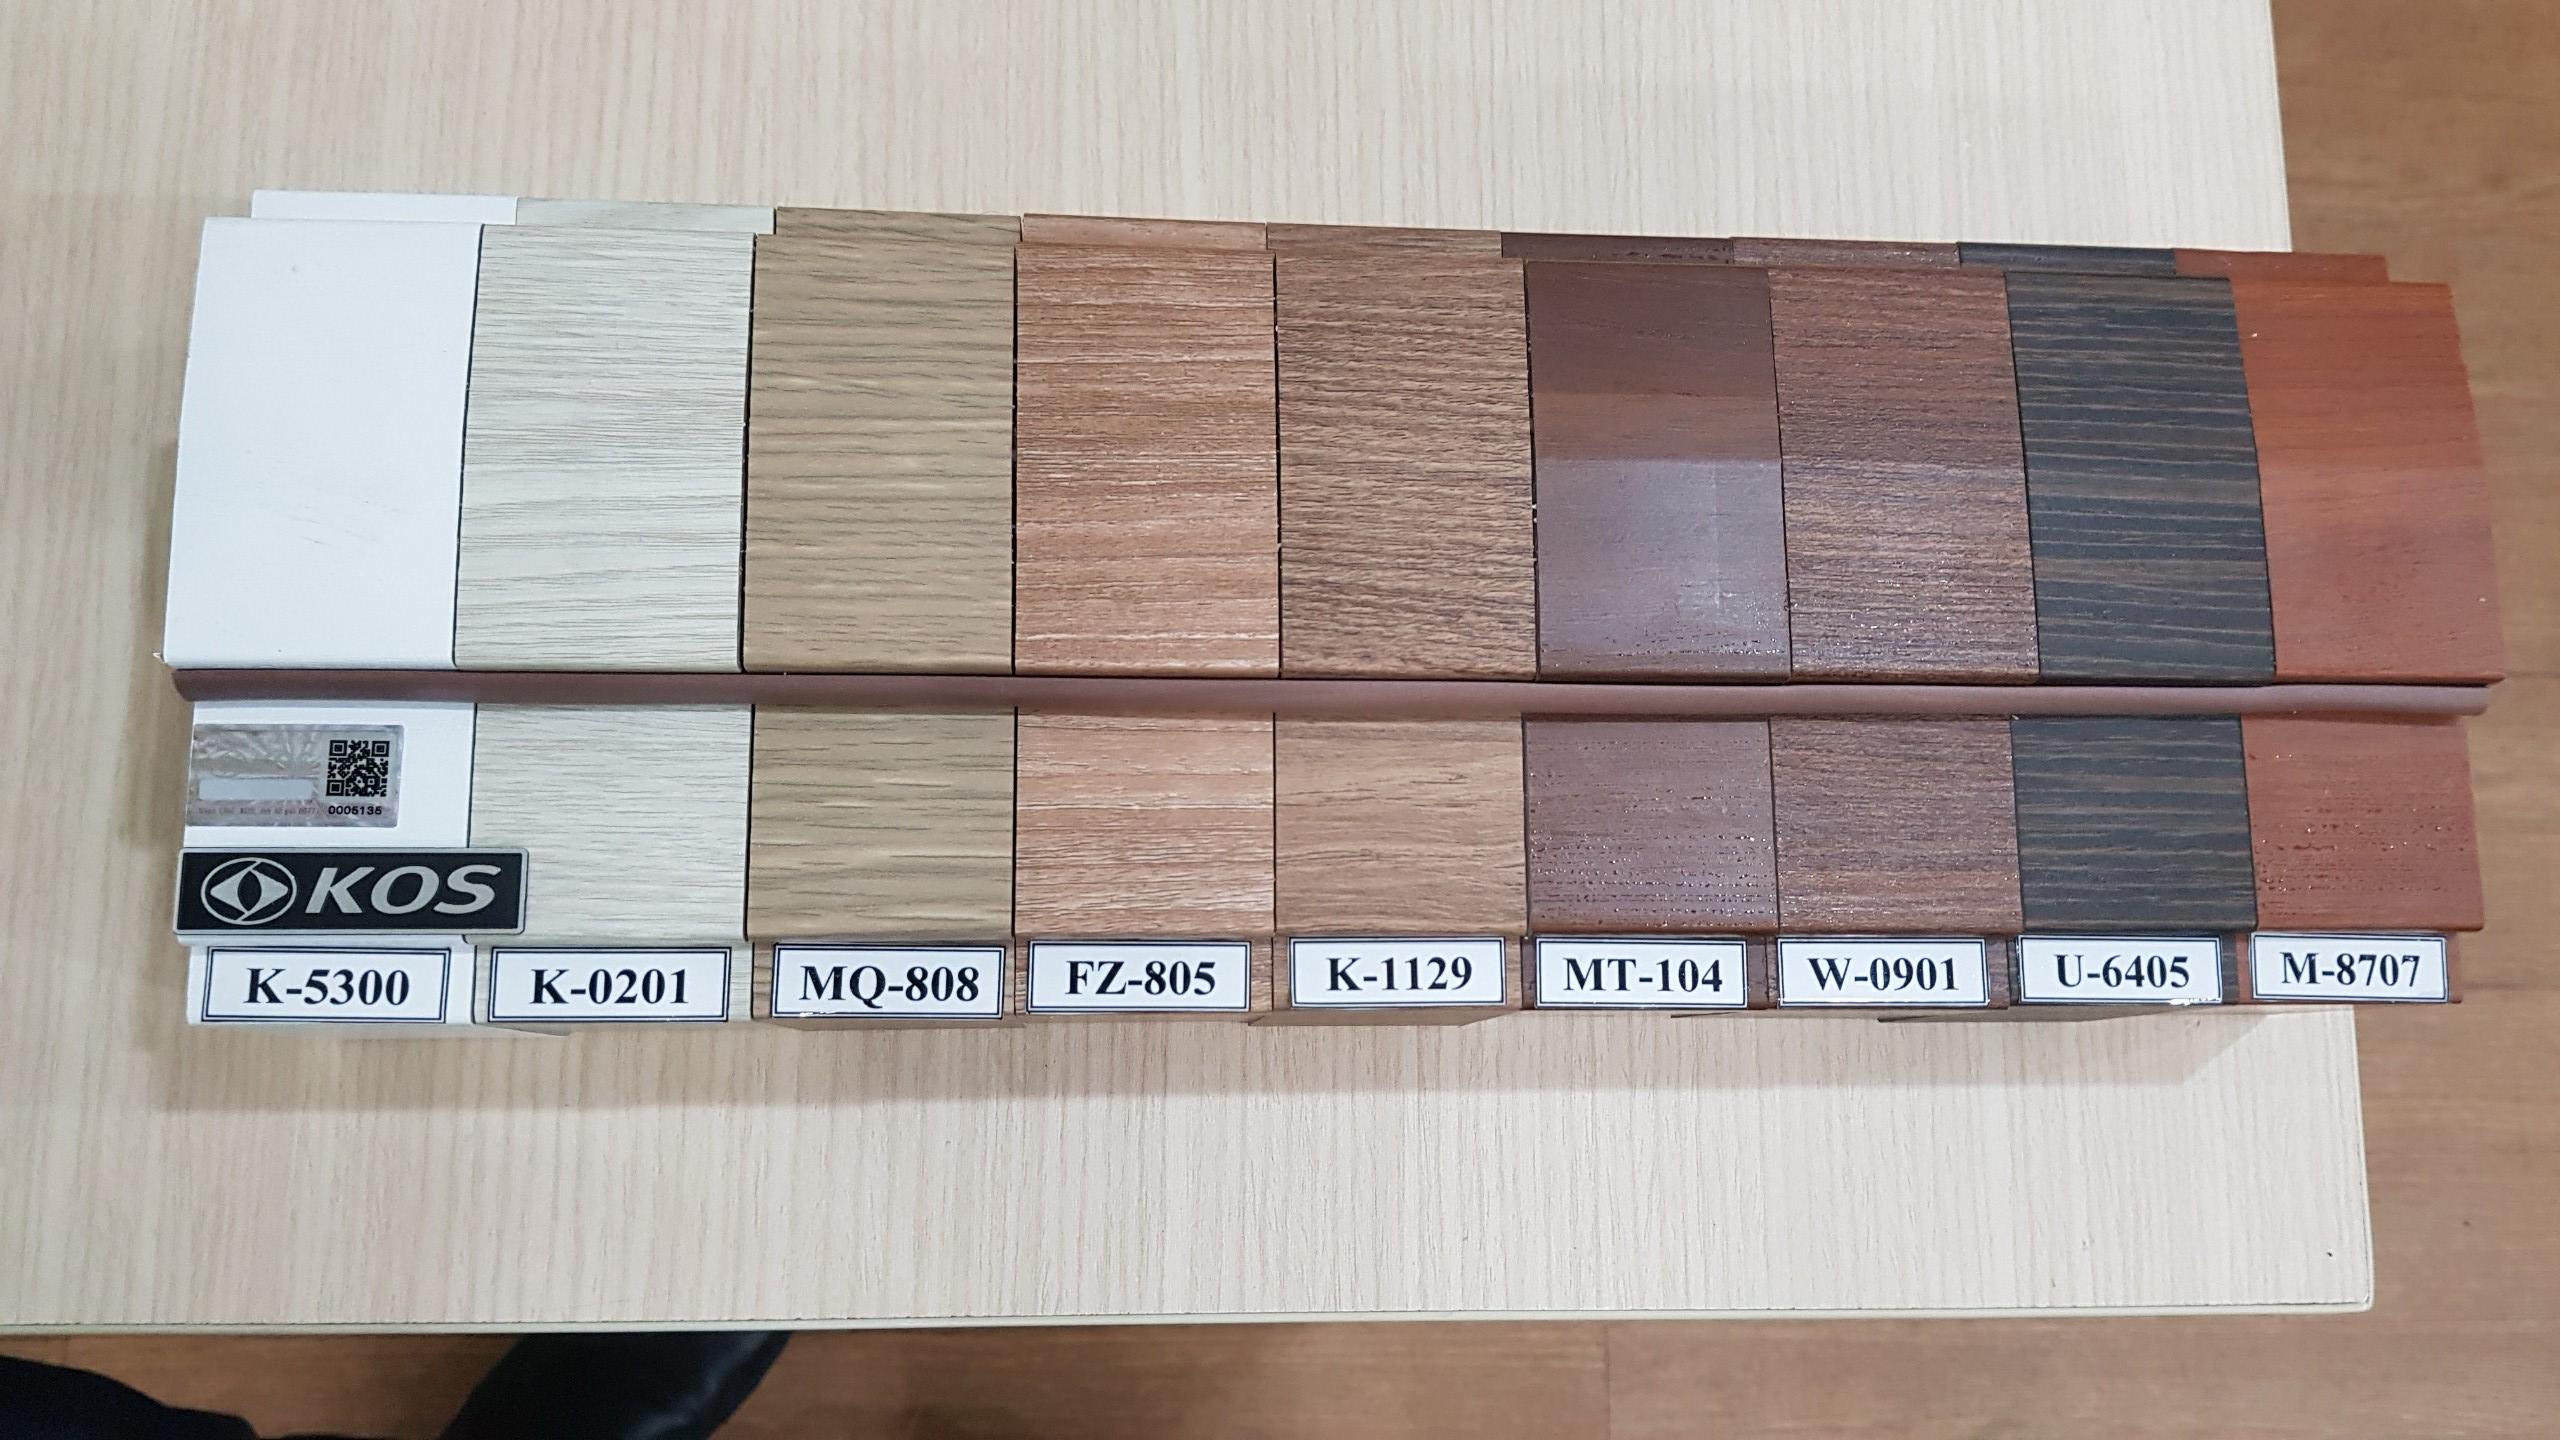 Bảng màu cửa nhựa ABS Hàn Quốc chính hãng.